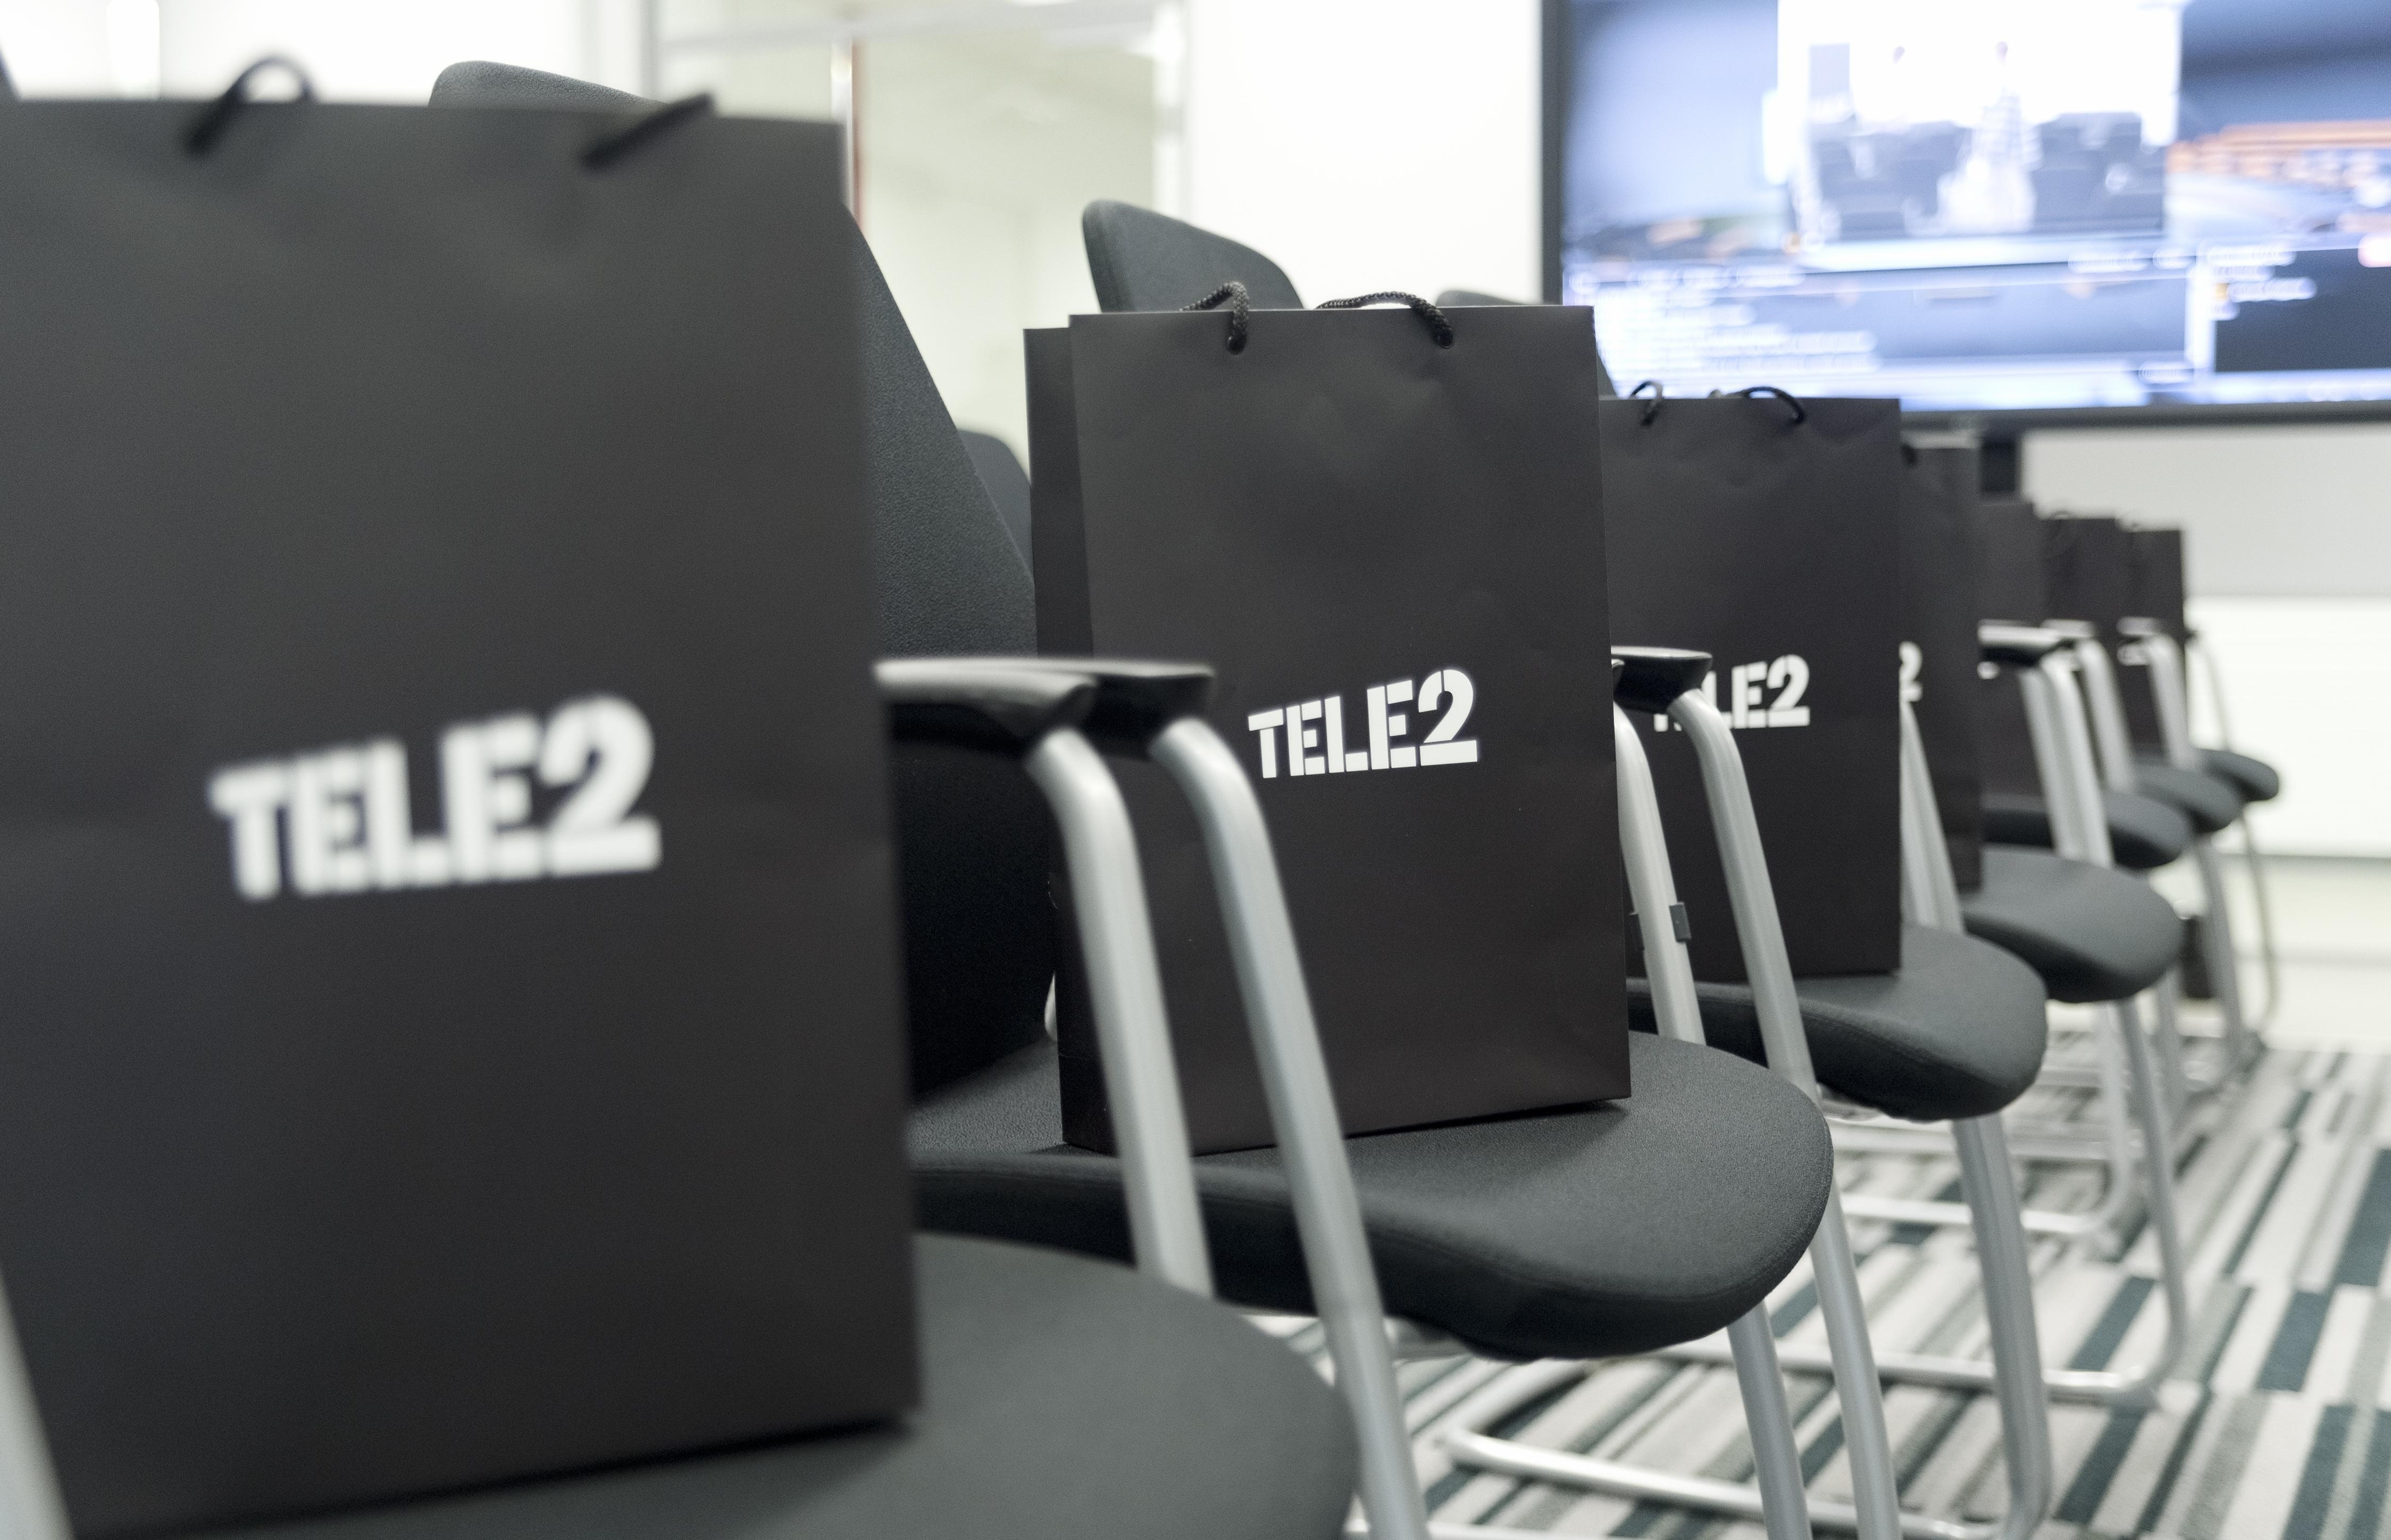 За полтора месяца Tele2 подключила миллион абонентов в Москве